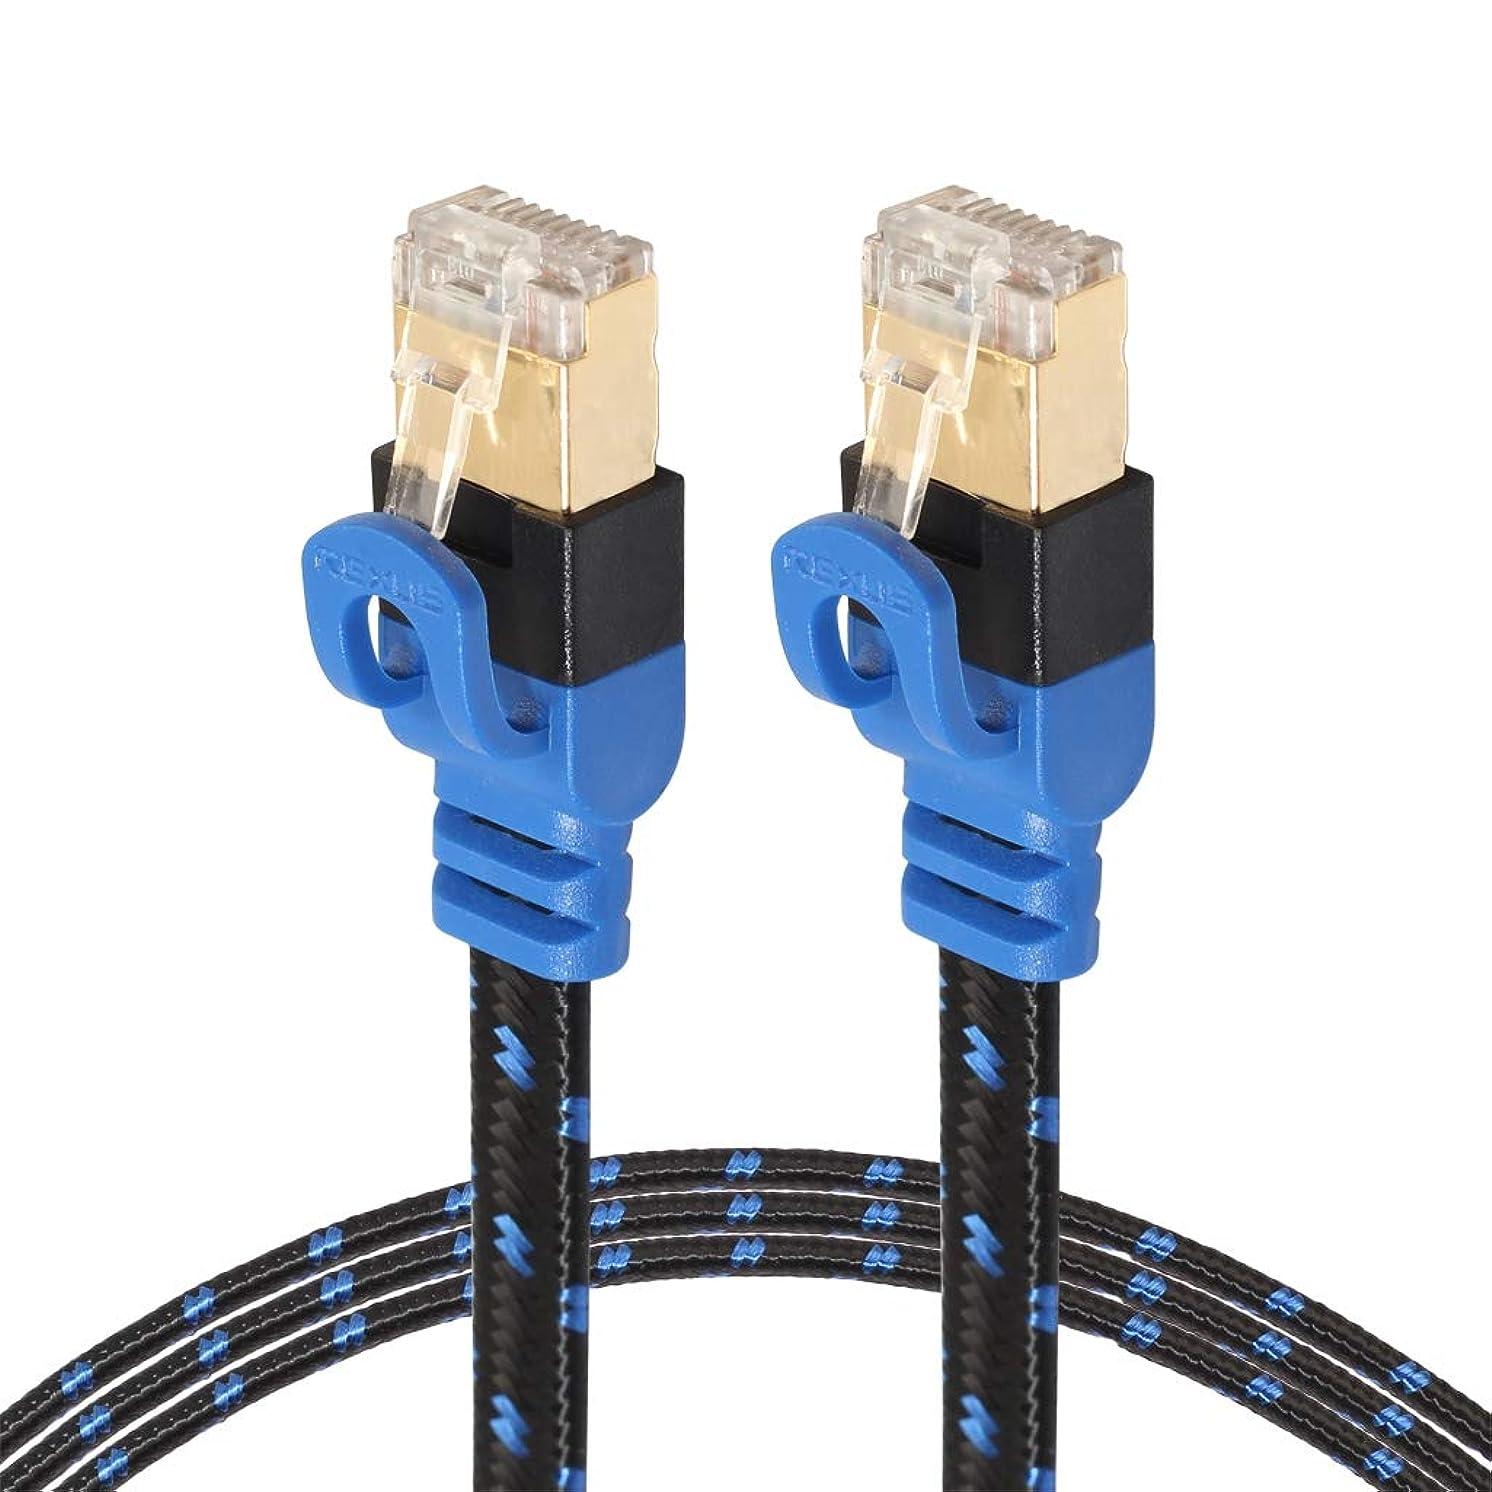 ステーキ前述の行ネットワークメンテナンスツール、完全にフィットして動作 CAT7-2金メッキCAT7フラットイーサネットモデムルーターLANネットワーク用10ギガビット2色編組ネットワークLANケーブル、シールド付きRJ45コネクタ付き、長さ:3m、あらゆる種類のネットワーク機器、デスクトップコンピュータに適したユニバーサルRJ45ネットワークケーブルインターフェイス、ノートブックコンピューター、スマートテレビ、